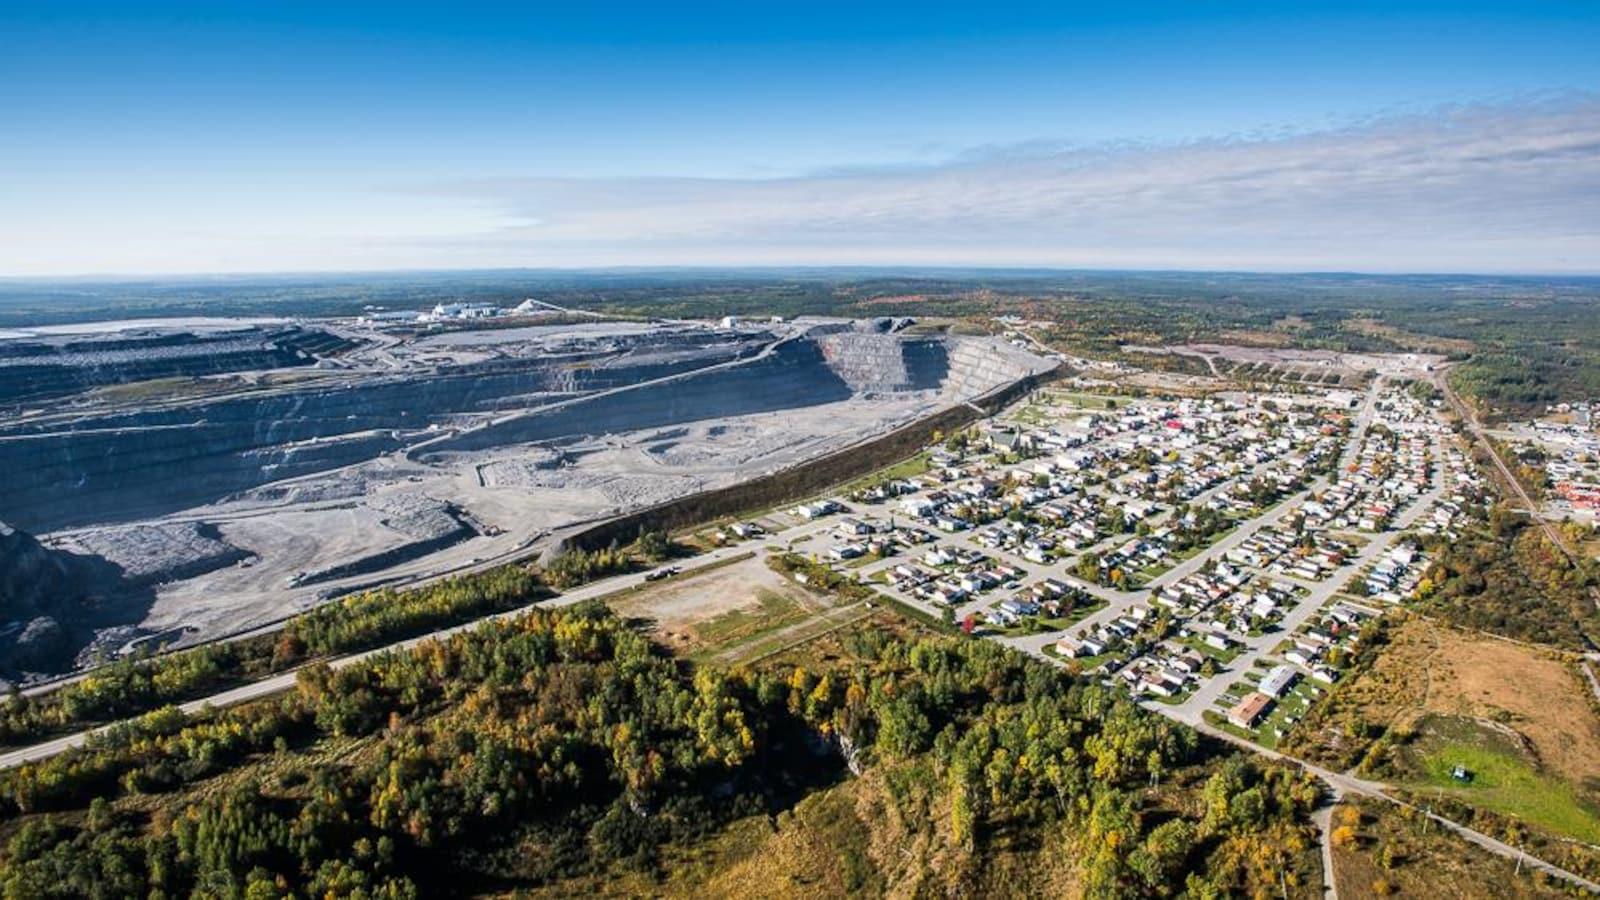 Vue aérienne de la mine et des maisons qui la bordent.